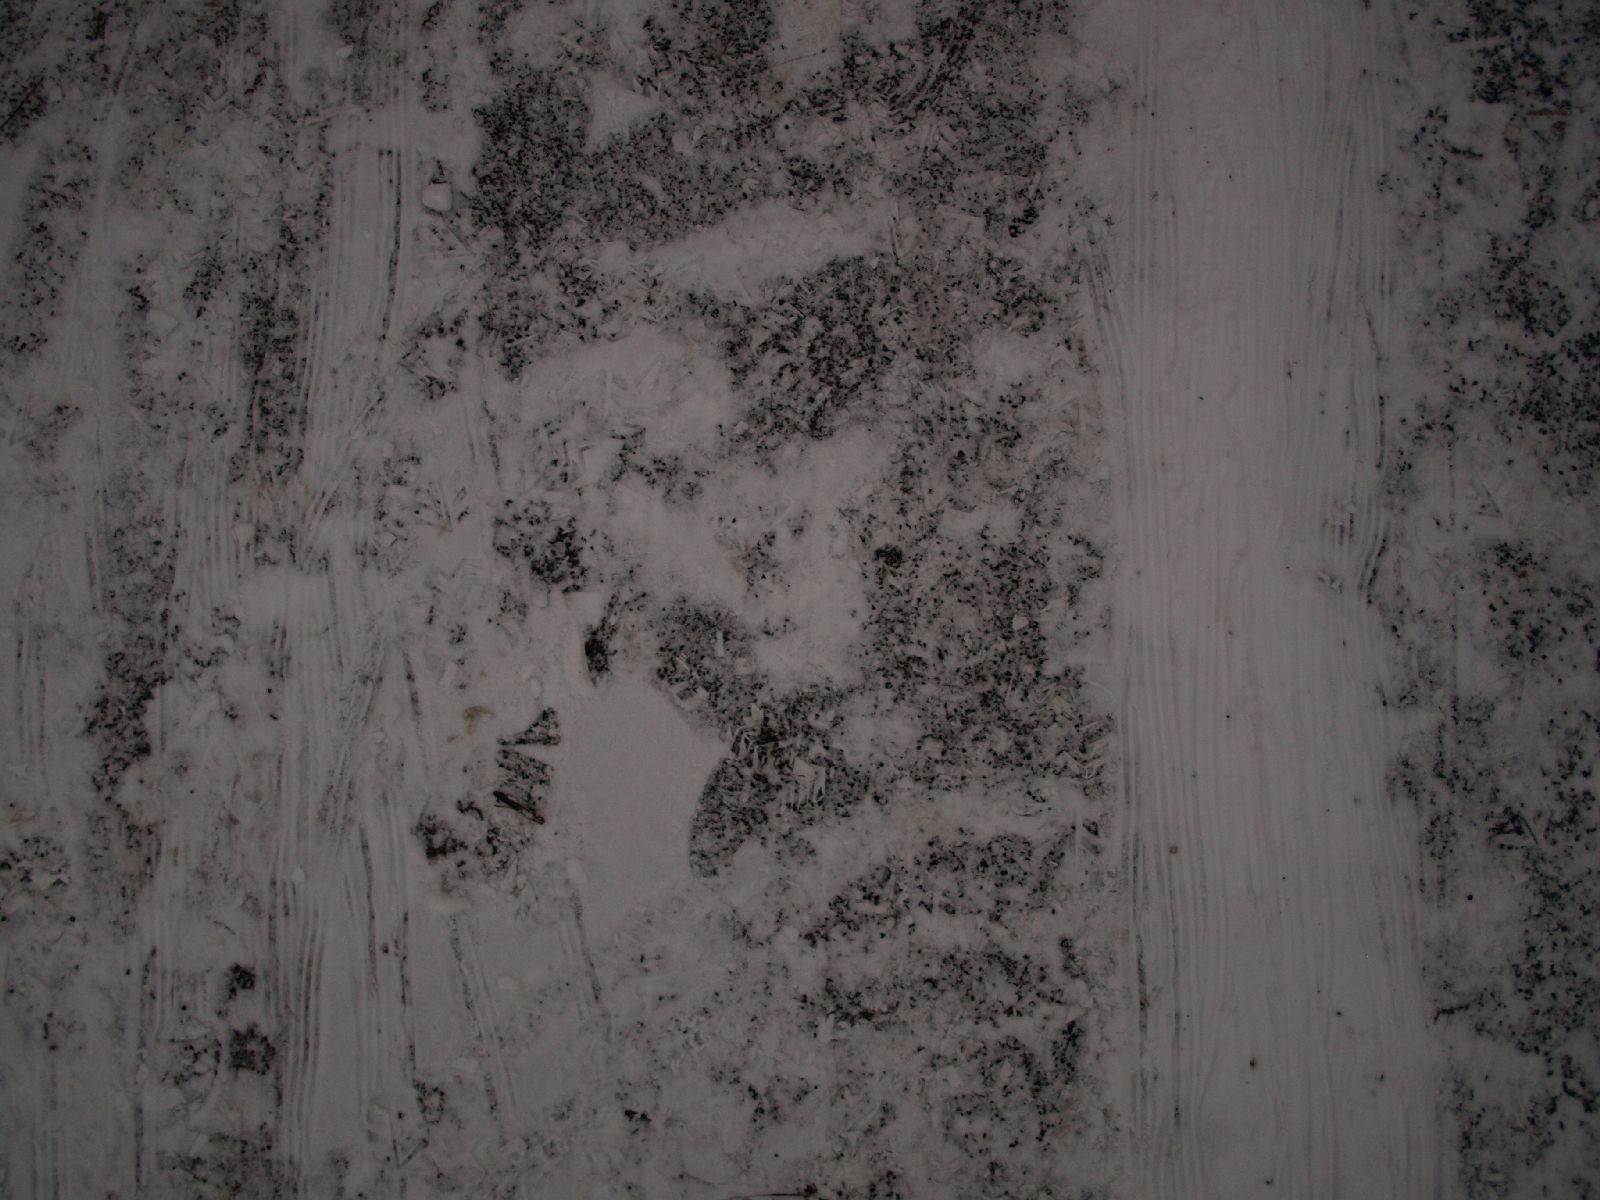 Schnee-Eis_Textur_A_P1028756